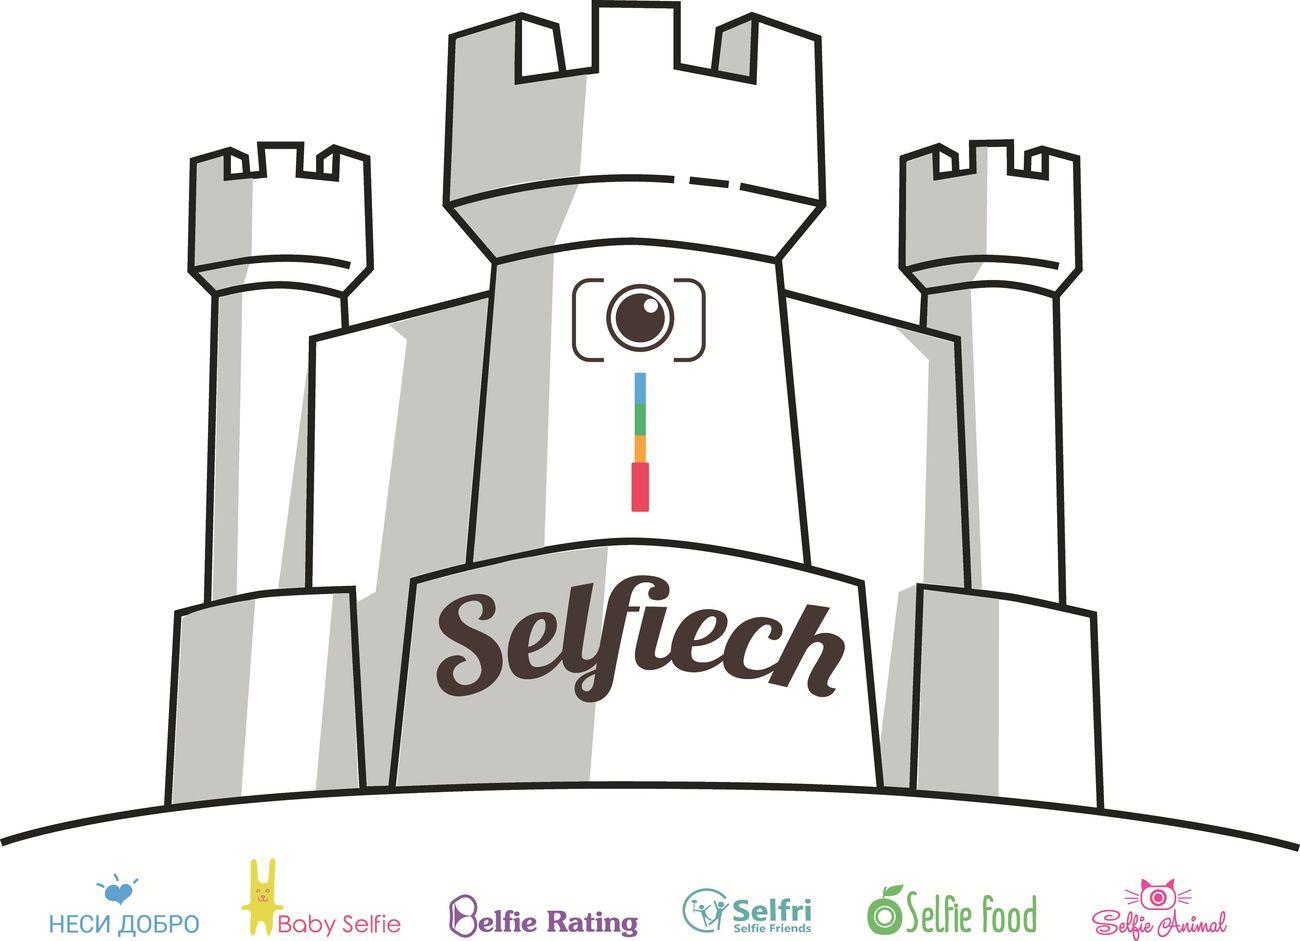 Замок SelfieCh